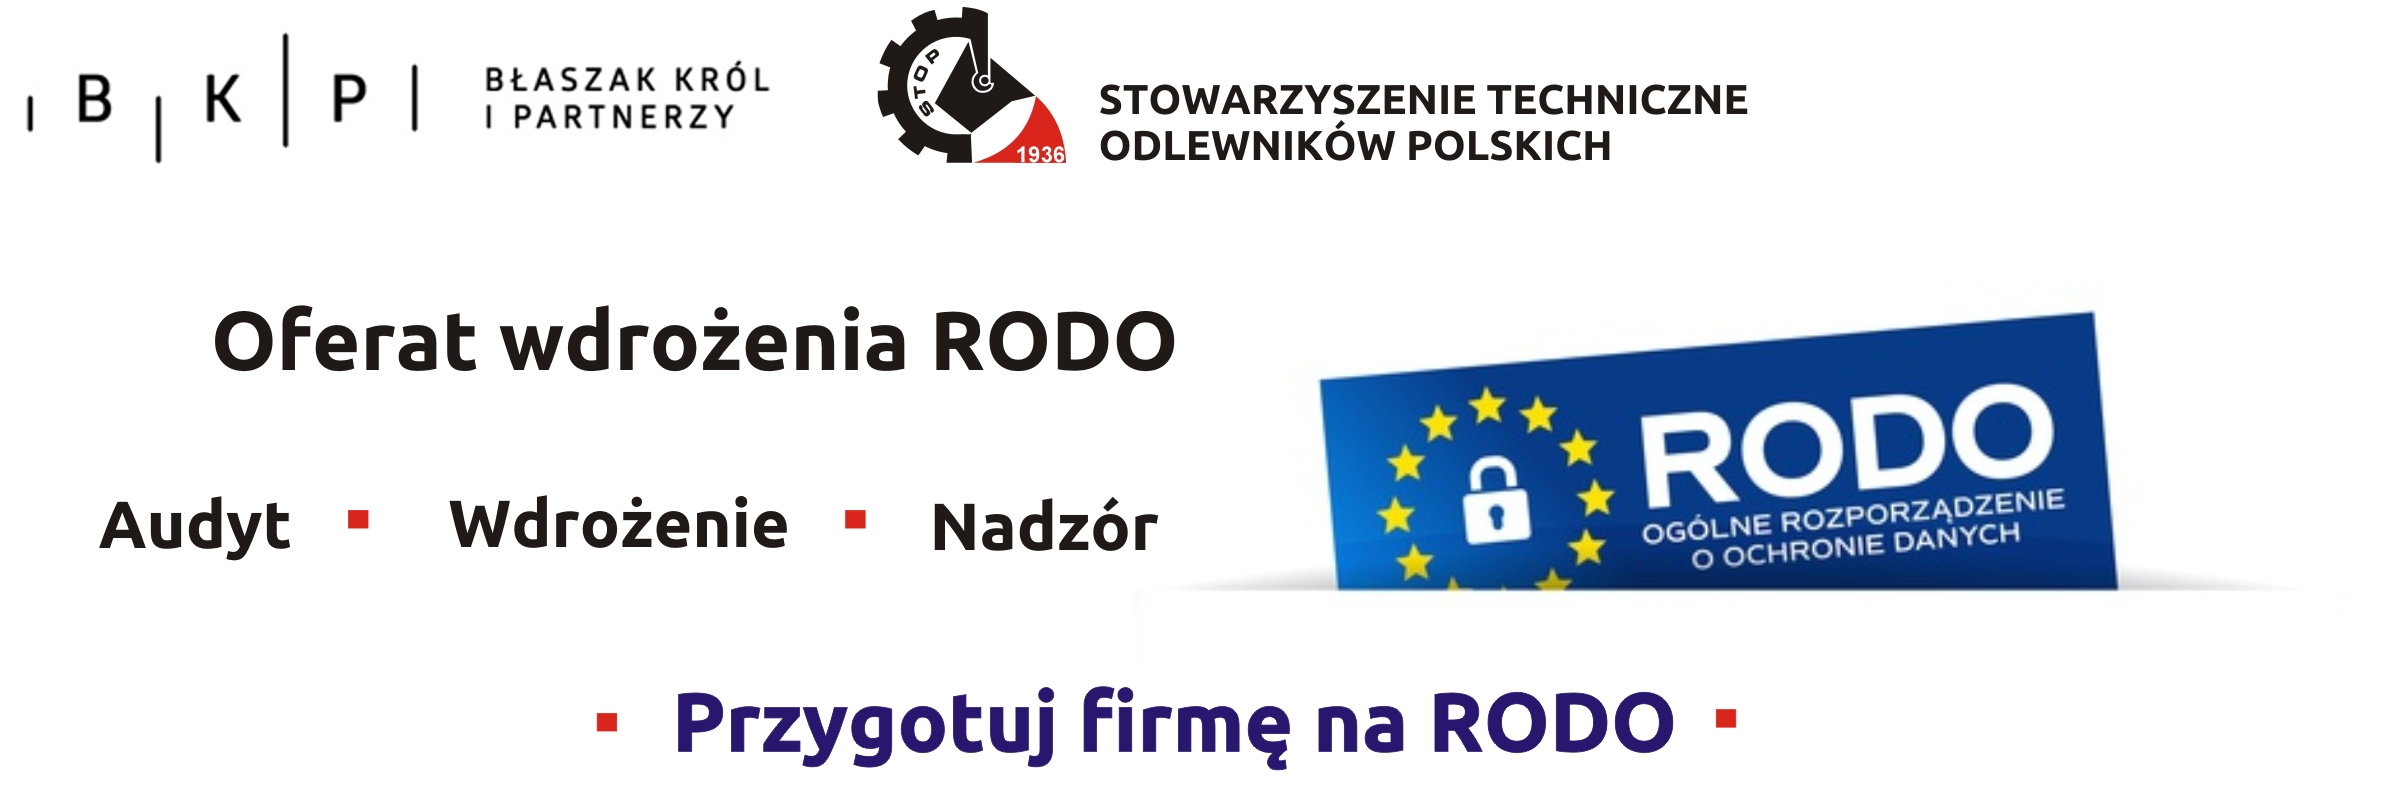 13b5e889b33300 Oferta wdrożenia RODO - STOP - Stowarzyszenie Techniczne Odlewników ...